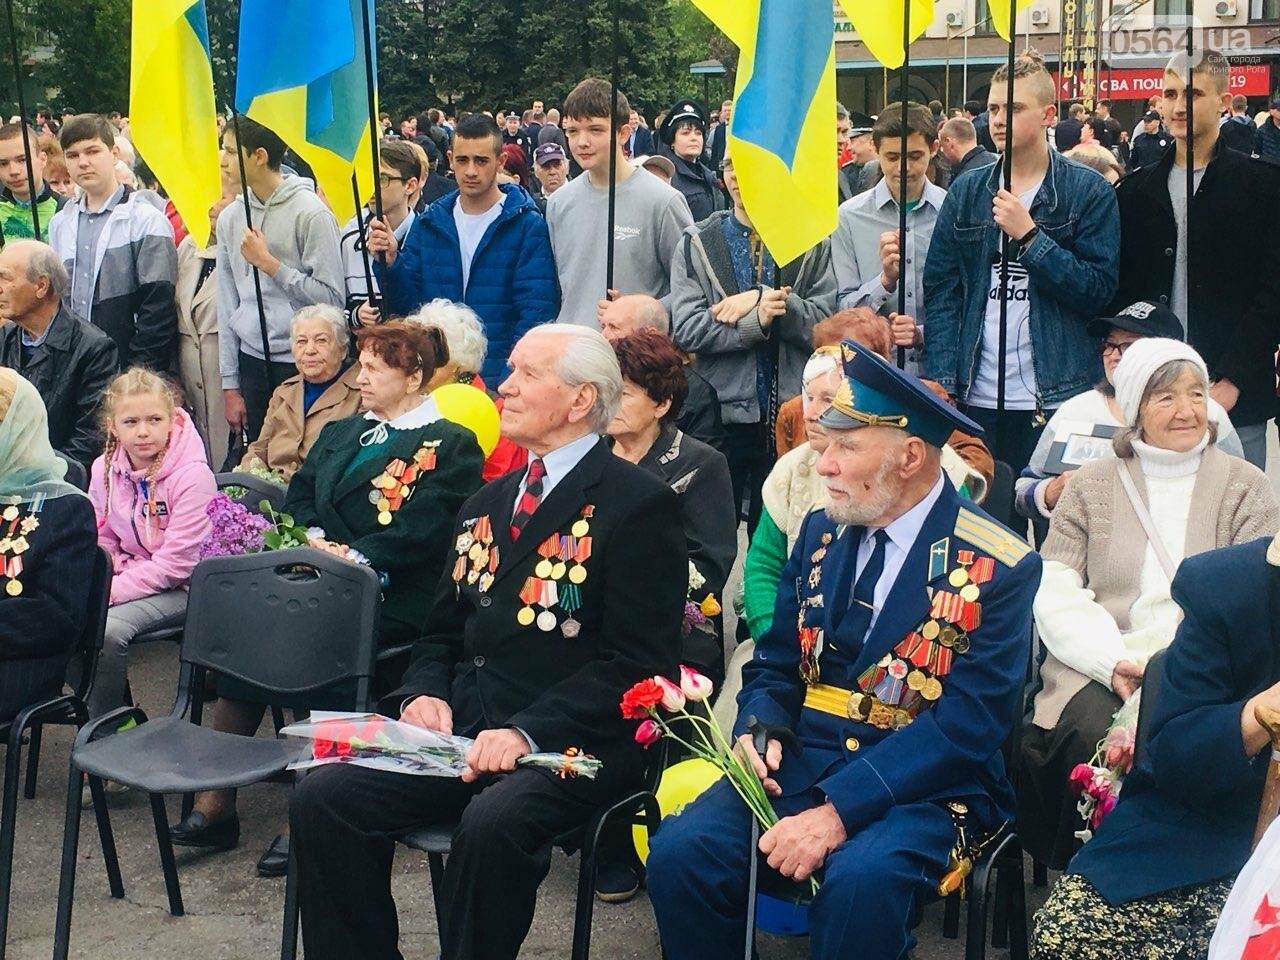 """9 мая в Кривом Роге: """"Марш мира"""" в Покровском районе стал самым массовым мероприятием, - ФОТО, фото-16"""